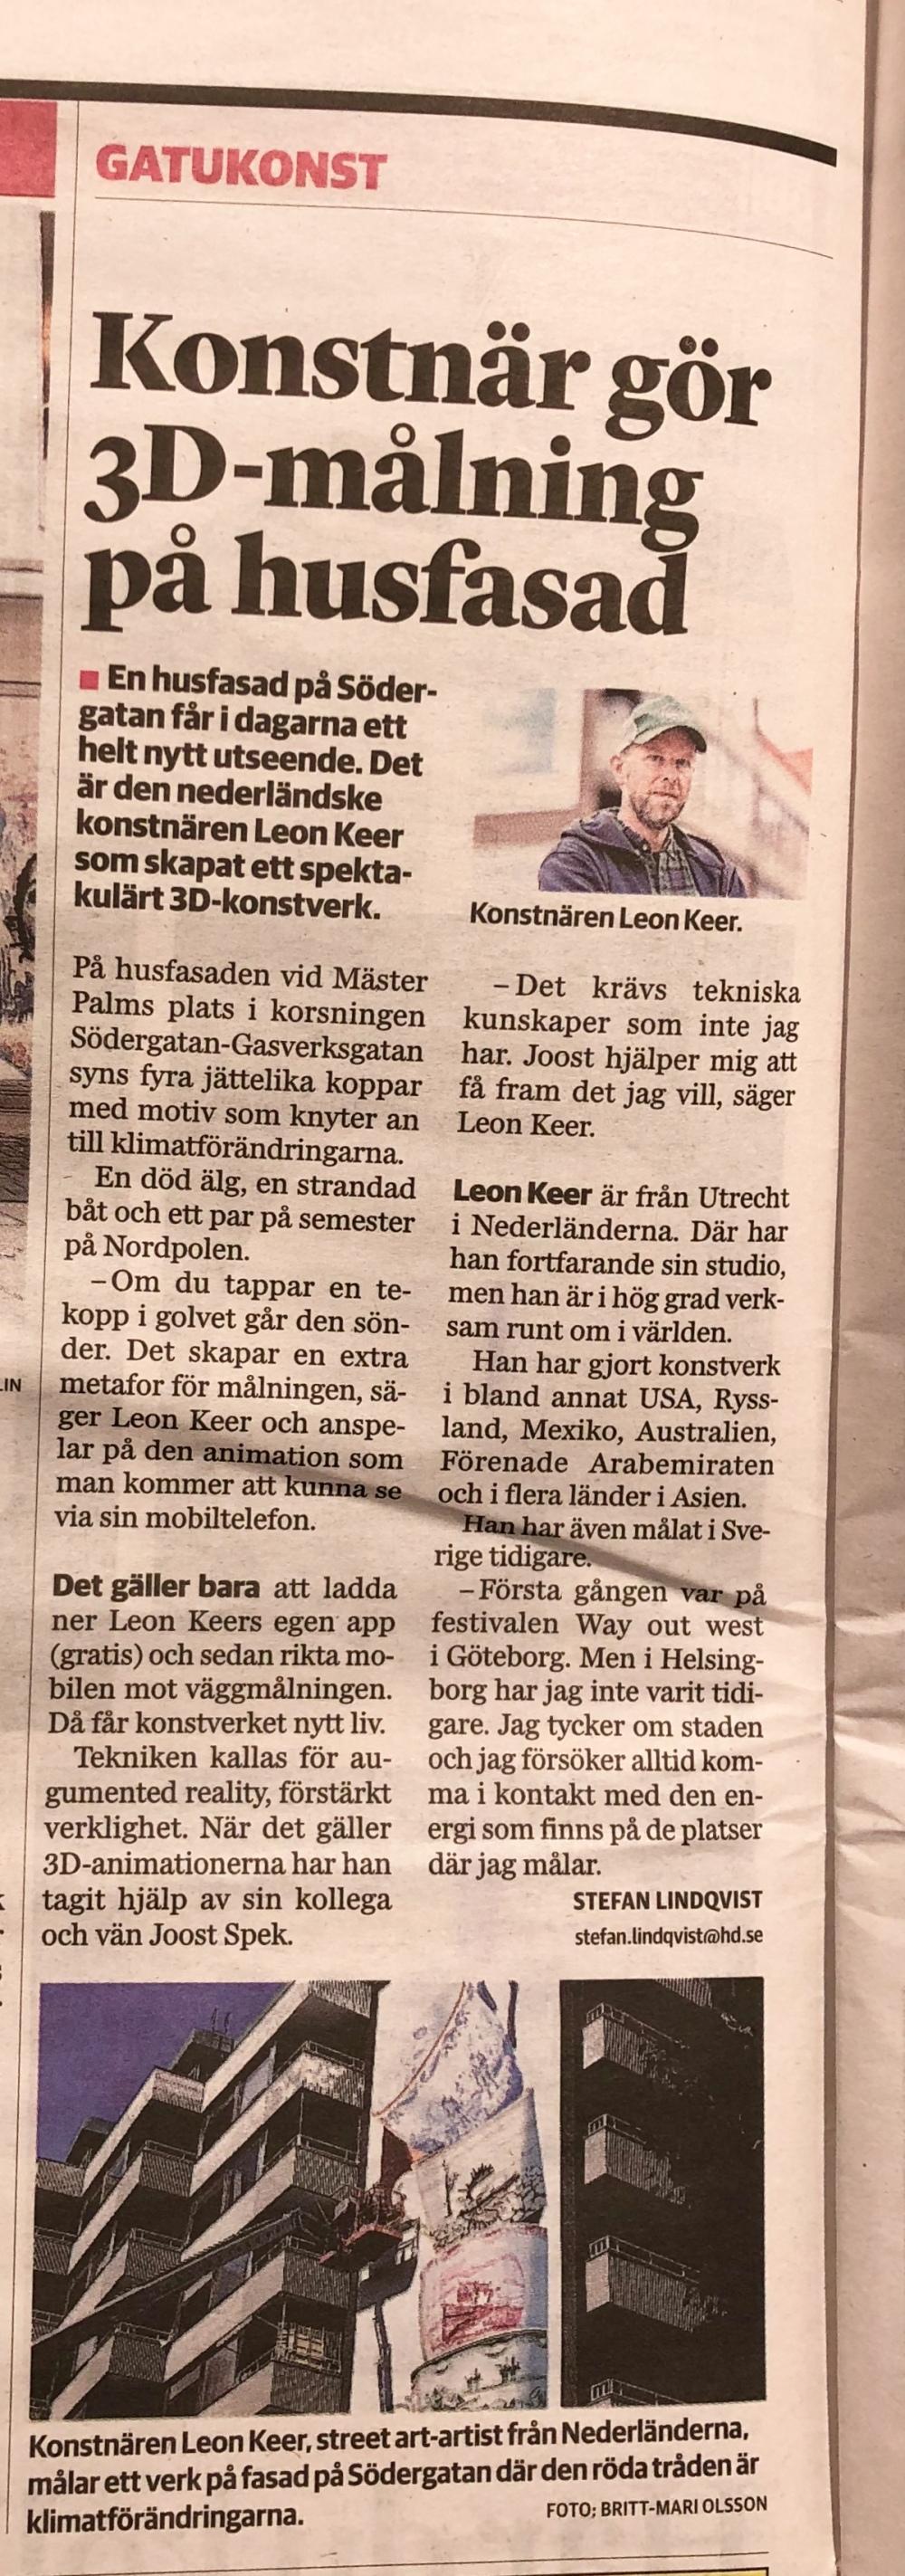 leonkeer-helsingborg-3d-malning